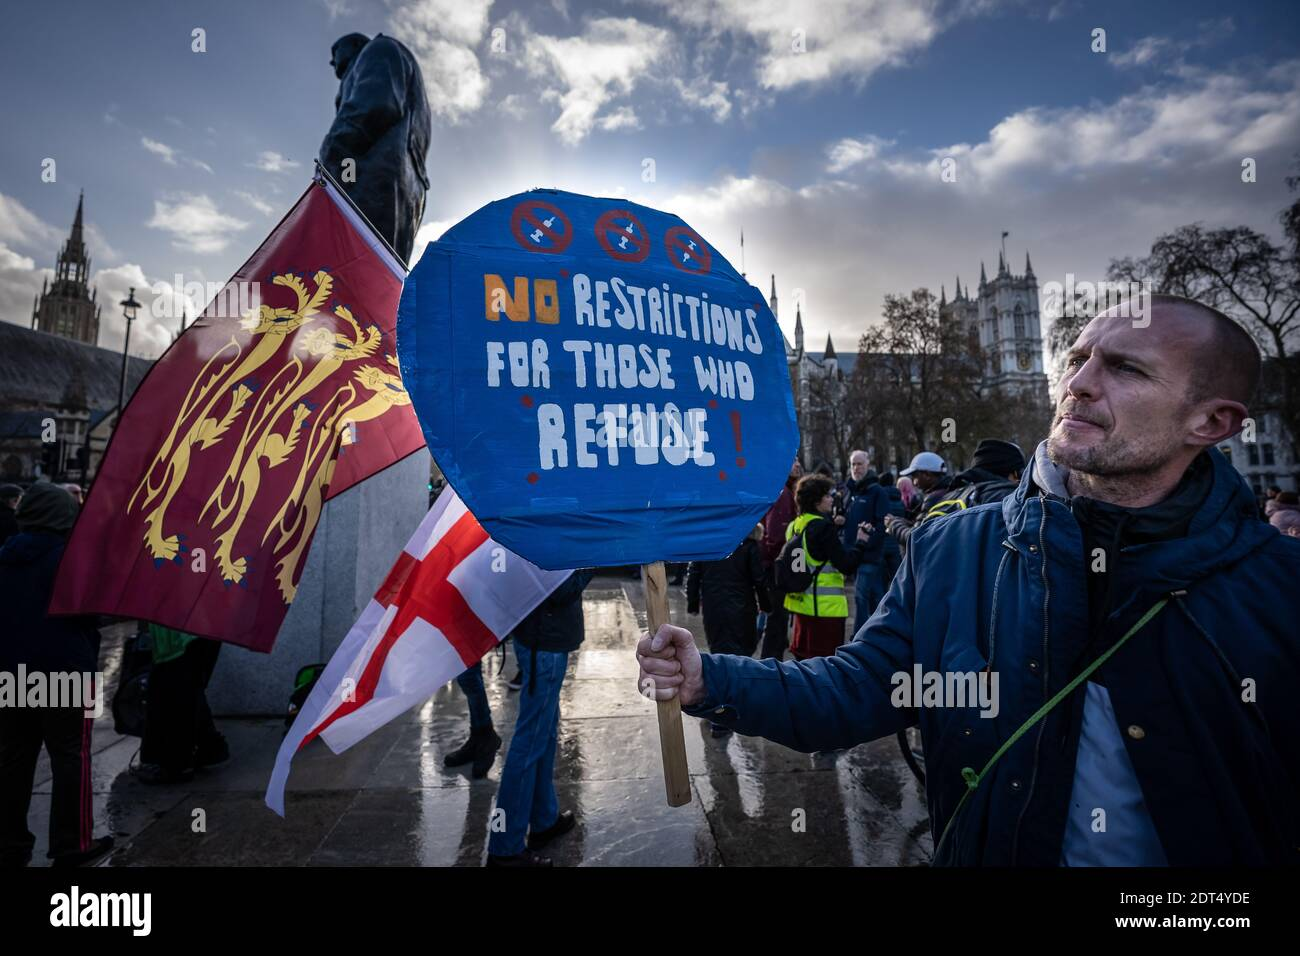 Coronavirus: Anti-Vaxxer demonstration in Parliament Square, London, UK. Stock Photo